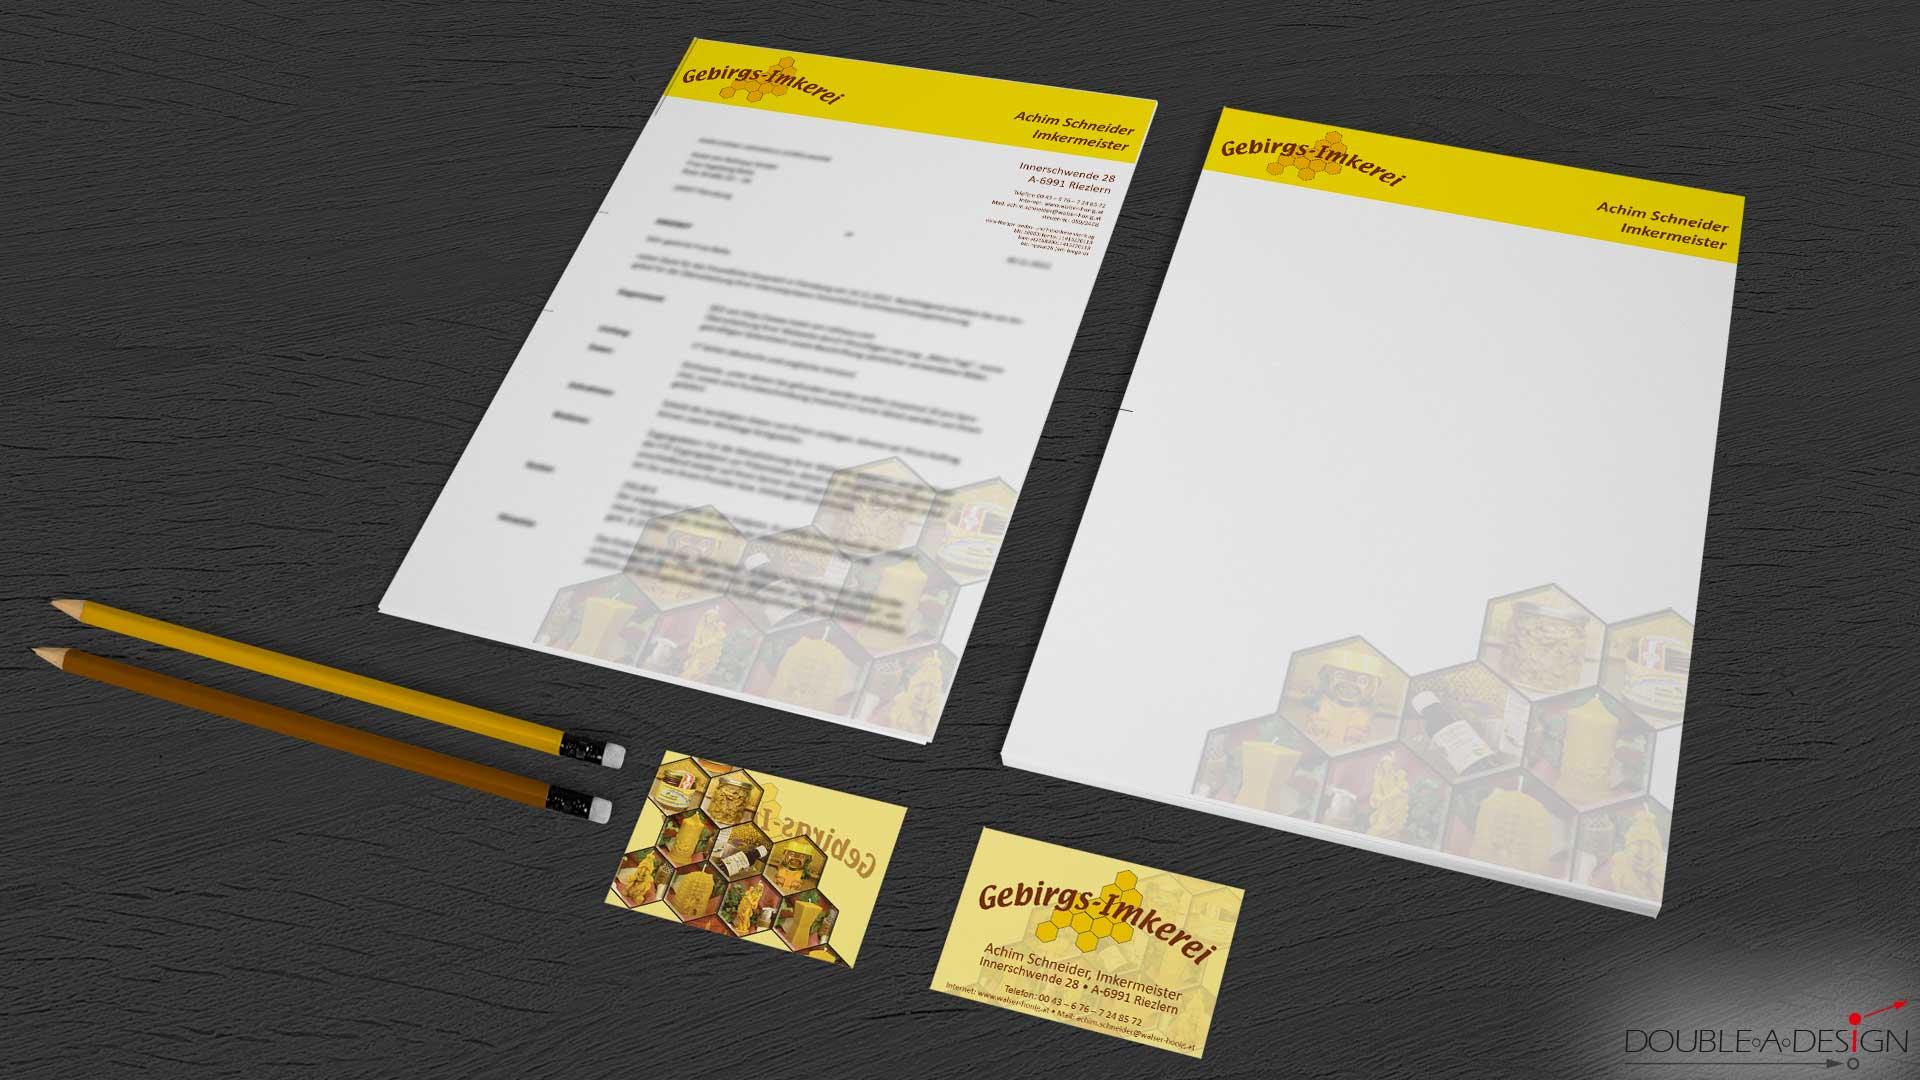 Briefbogen Design   Brand Design Double A Design